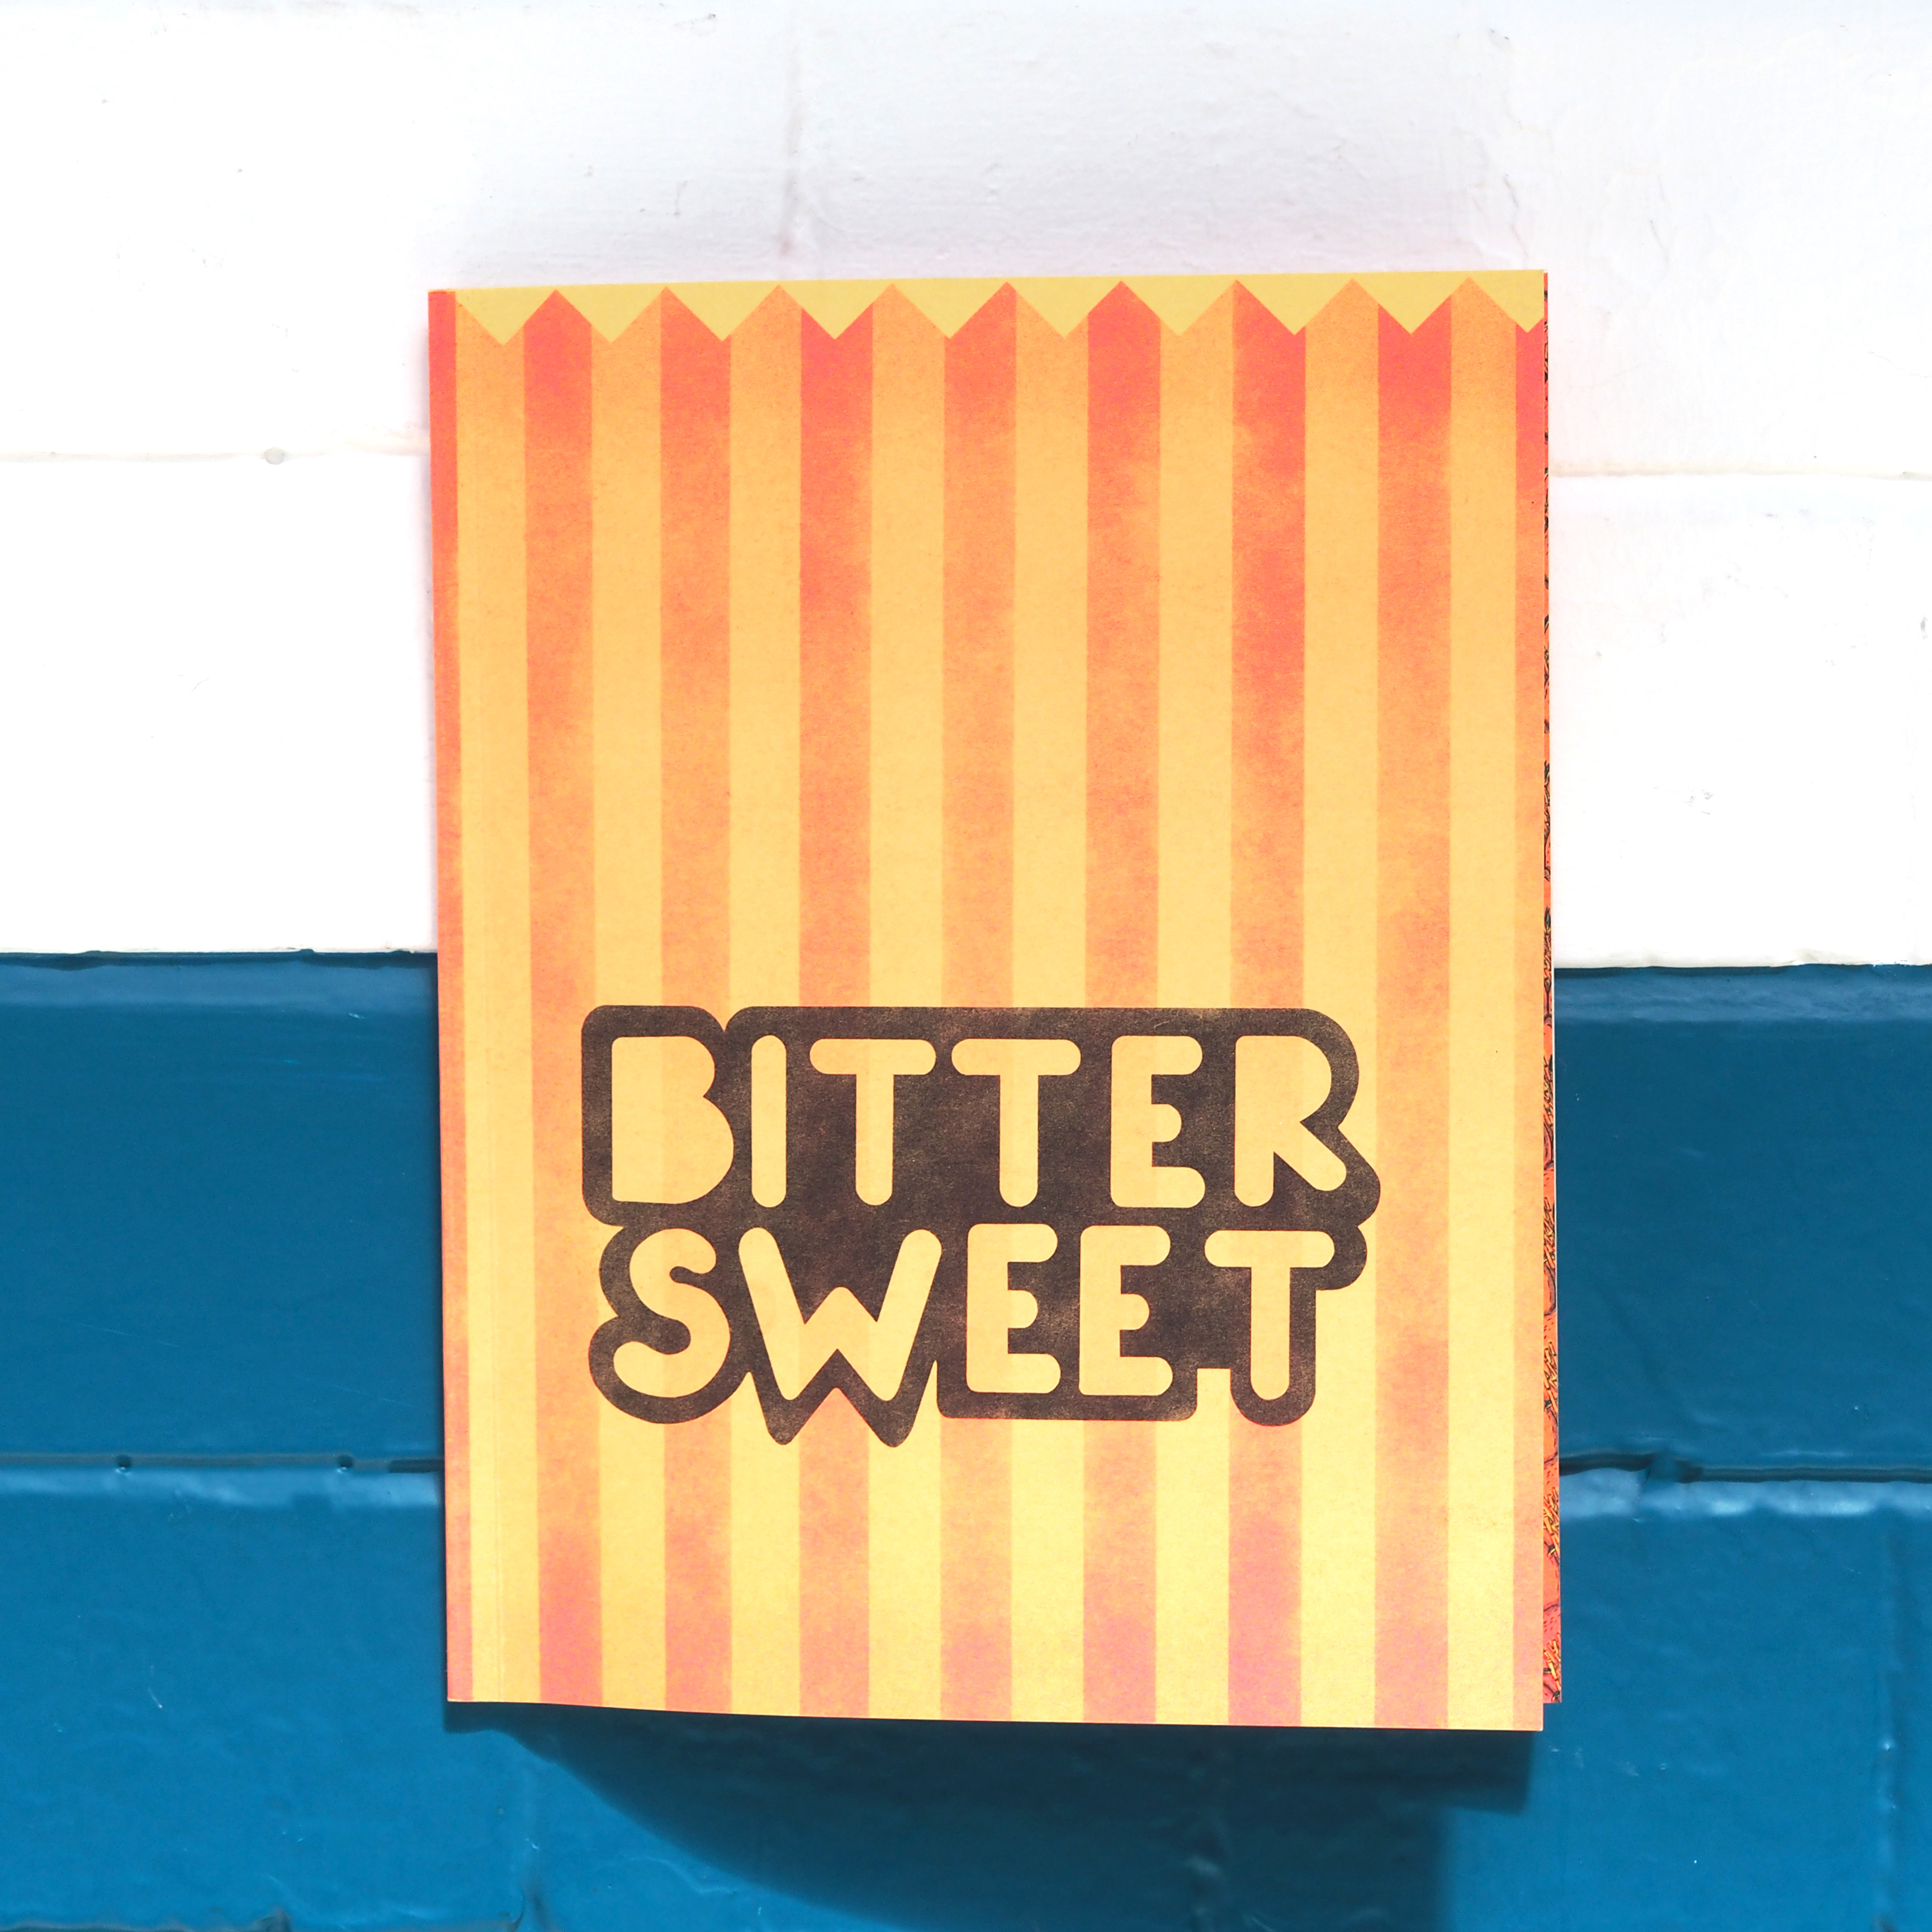 Bittersweet - Gordon Shaw